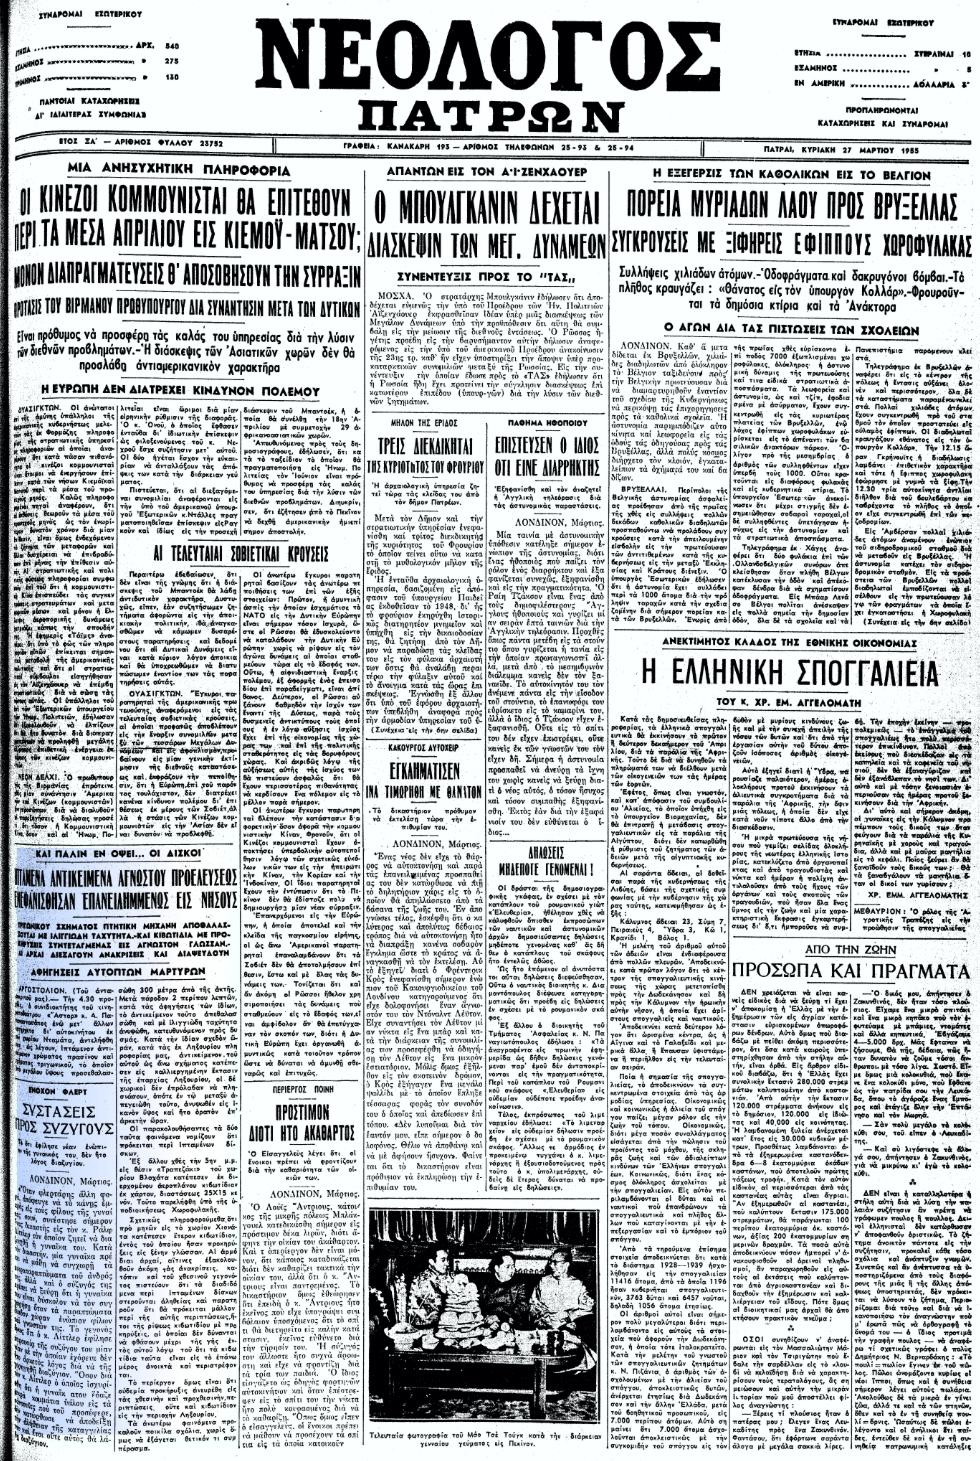 """Το άρθρο, όπως δημοσιεύθηκε στην εφημερίδα """"ΝΕΟΛΟΓΟΣ ΠΑΤΡΩΝ"""", στις 27/03/1955"""